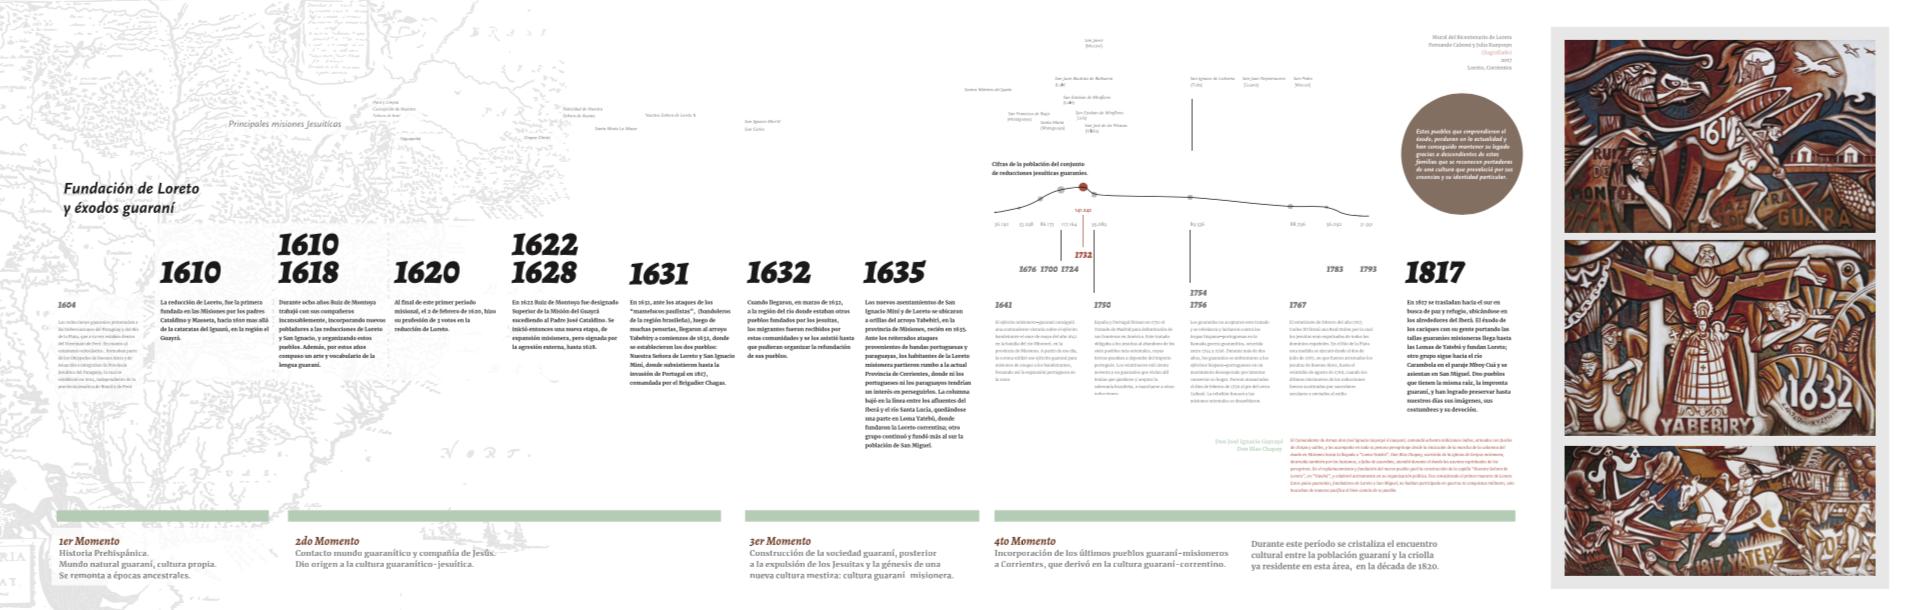 Captura de pantalla 2020-04-12 a la(s) 12.52.06